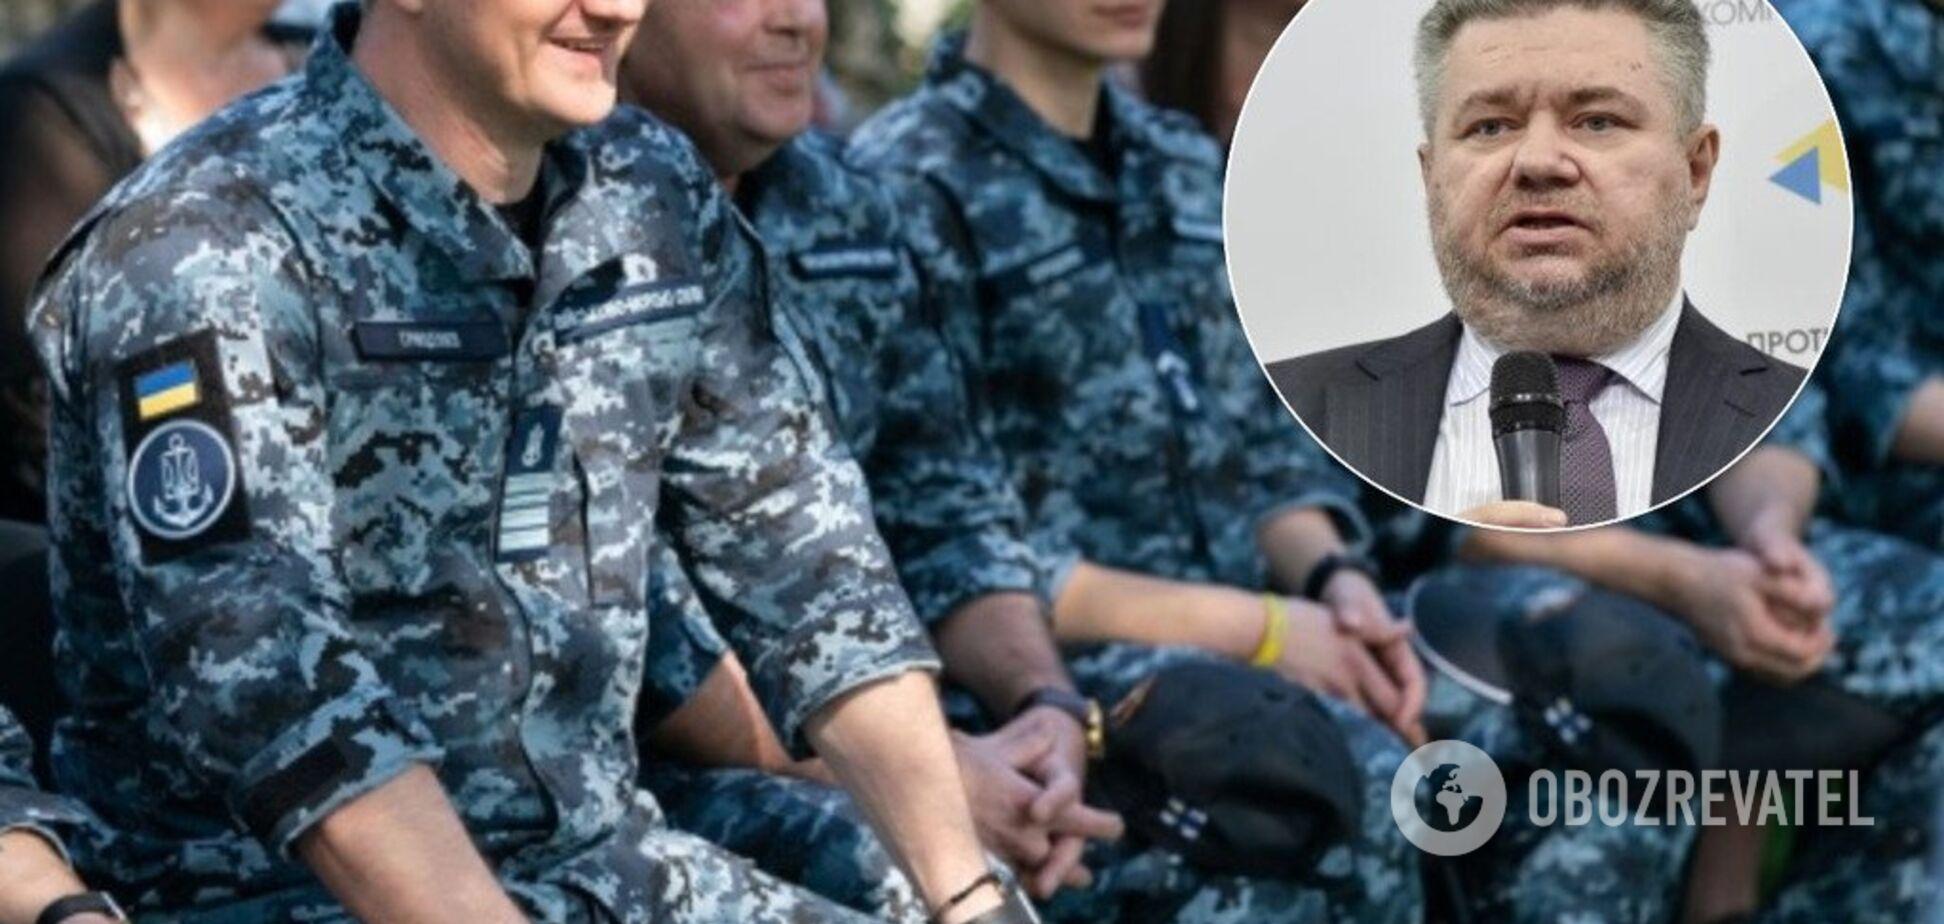 'ГБР способствует России?' Головань раскрыл важную деталь в деле пленных моряков